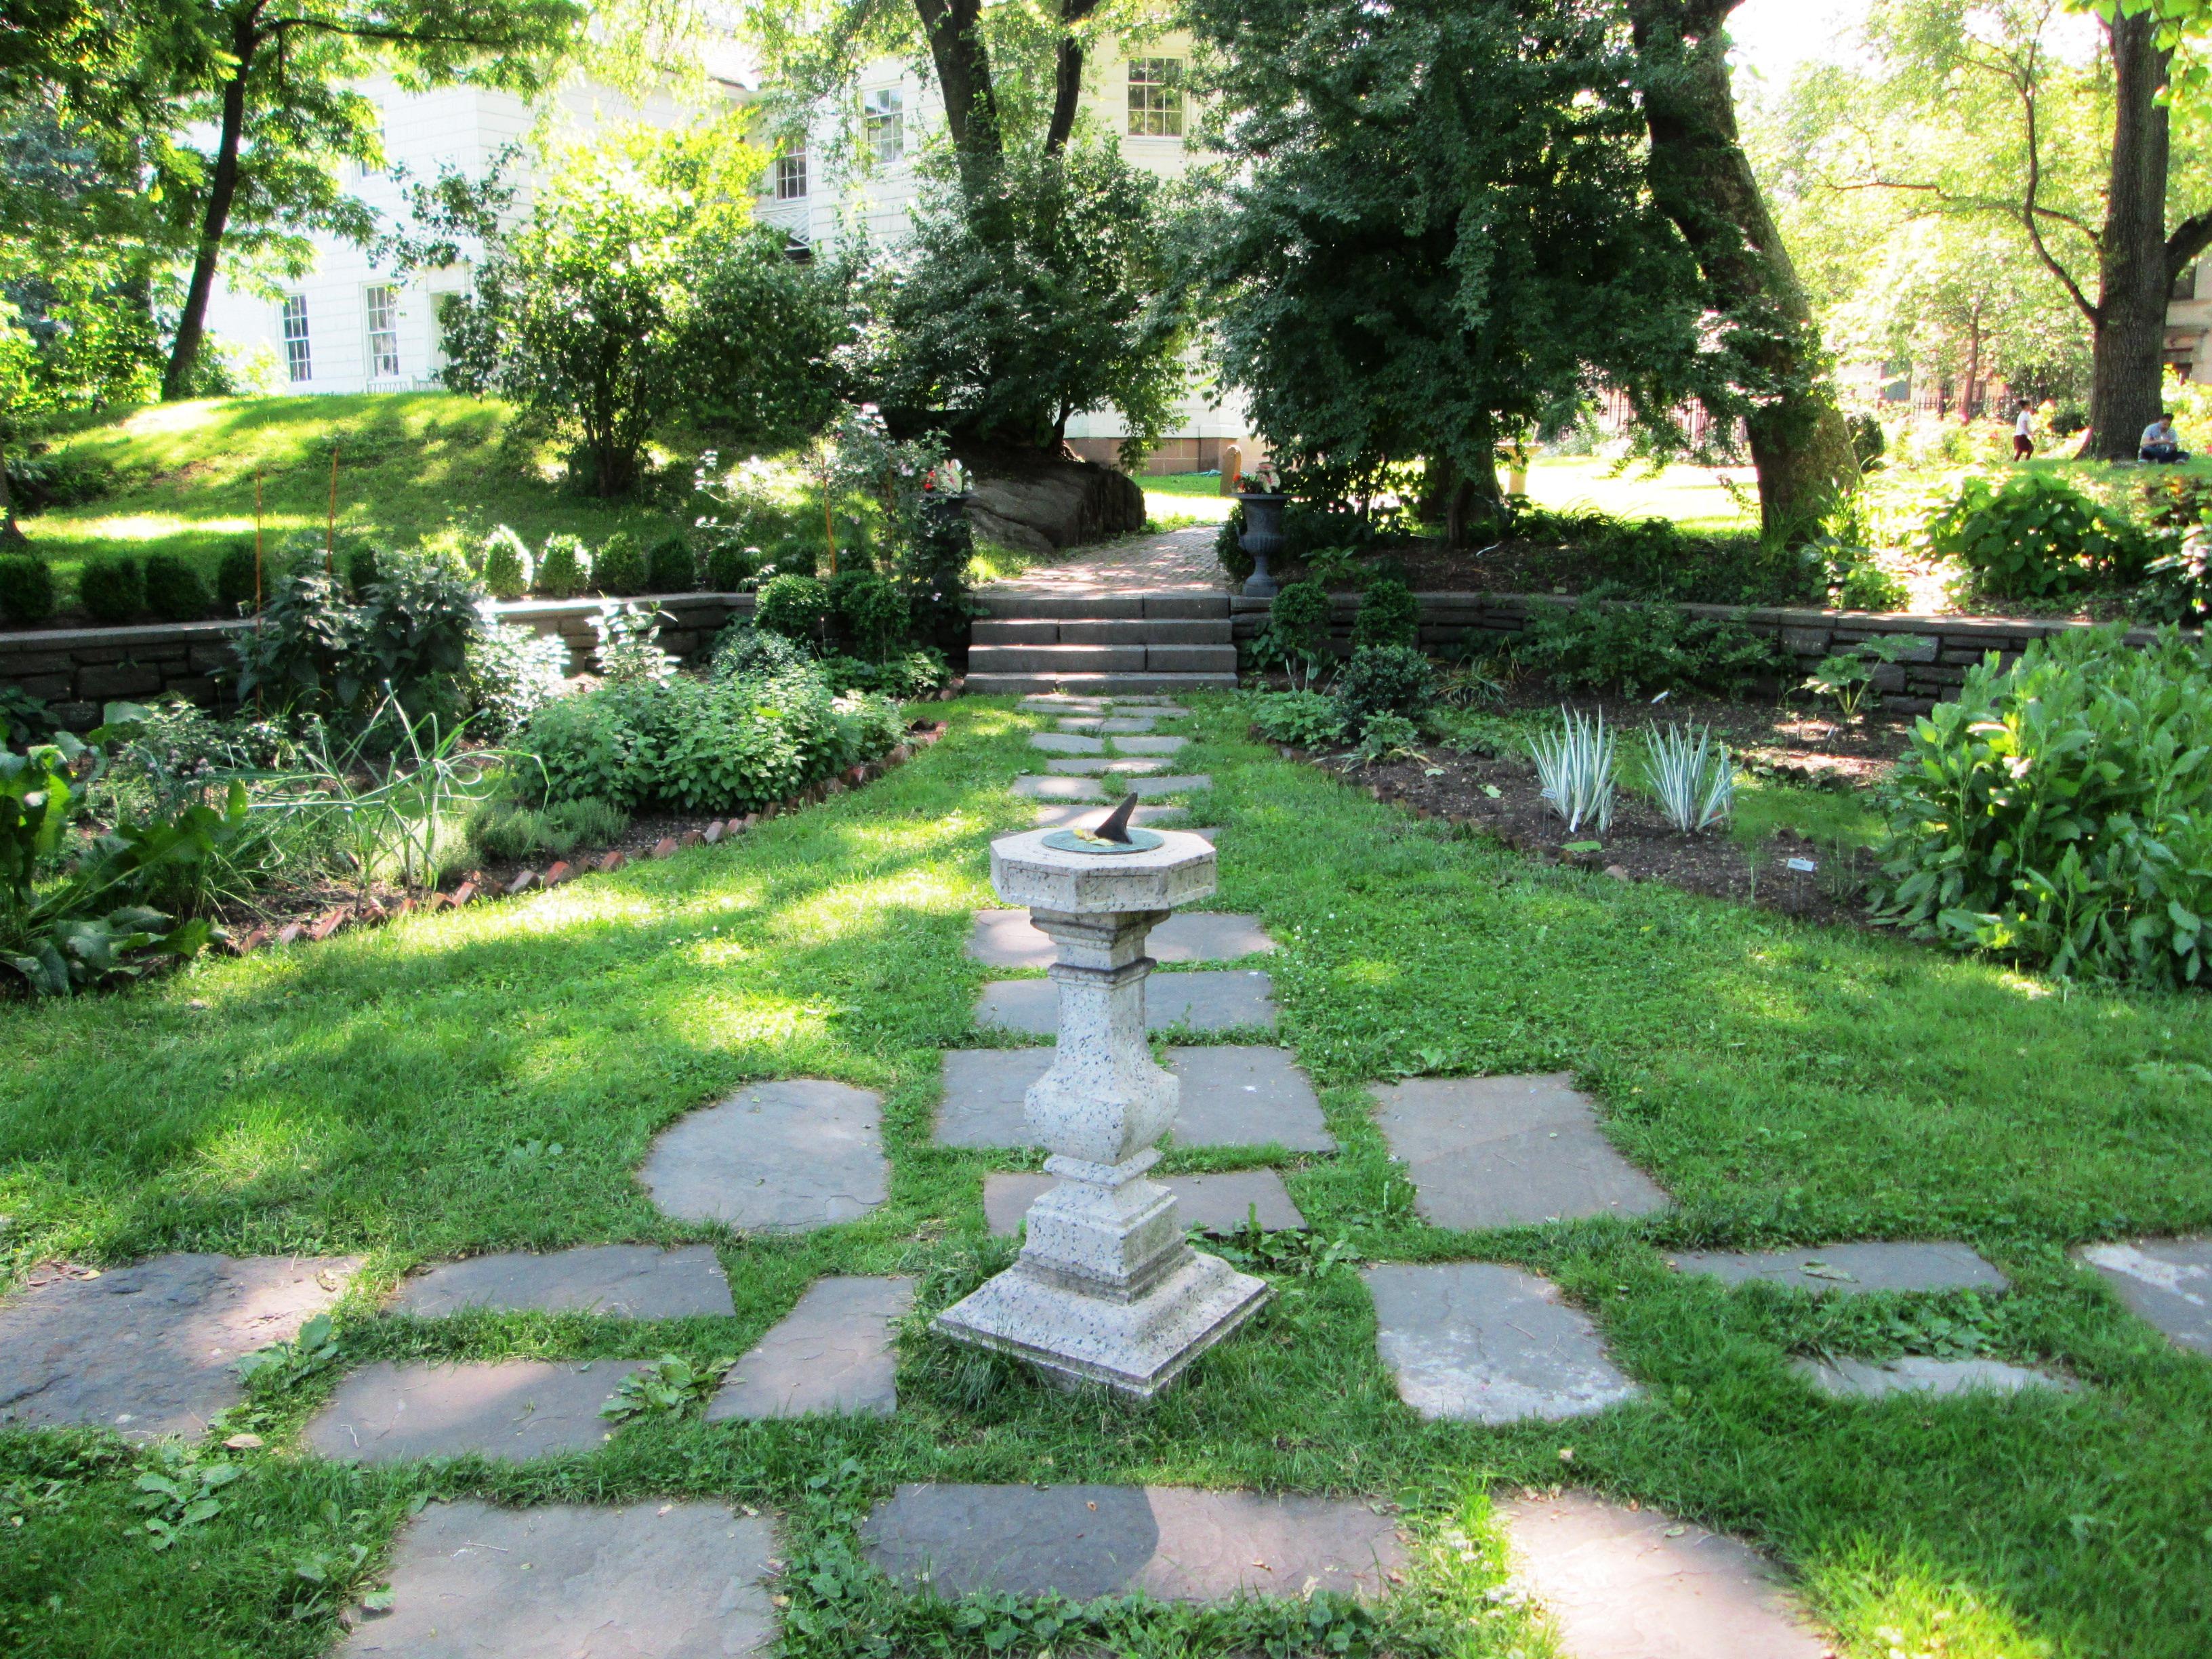 File:Roger Morris Park Garden With Sundial